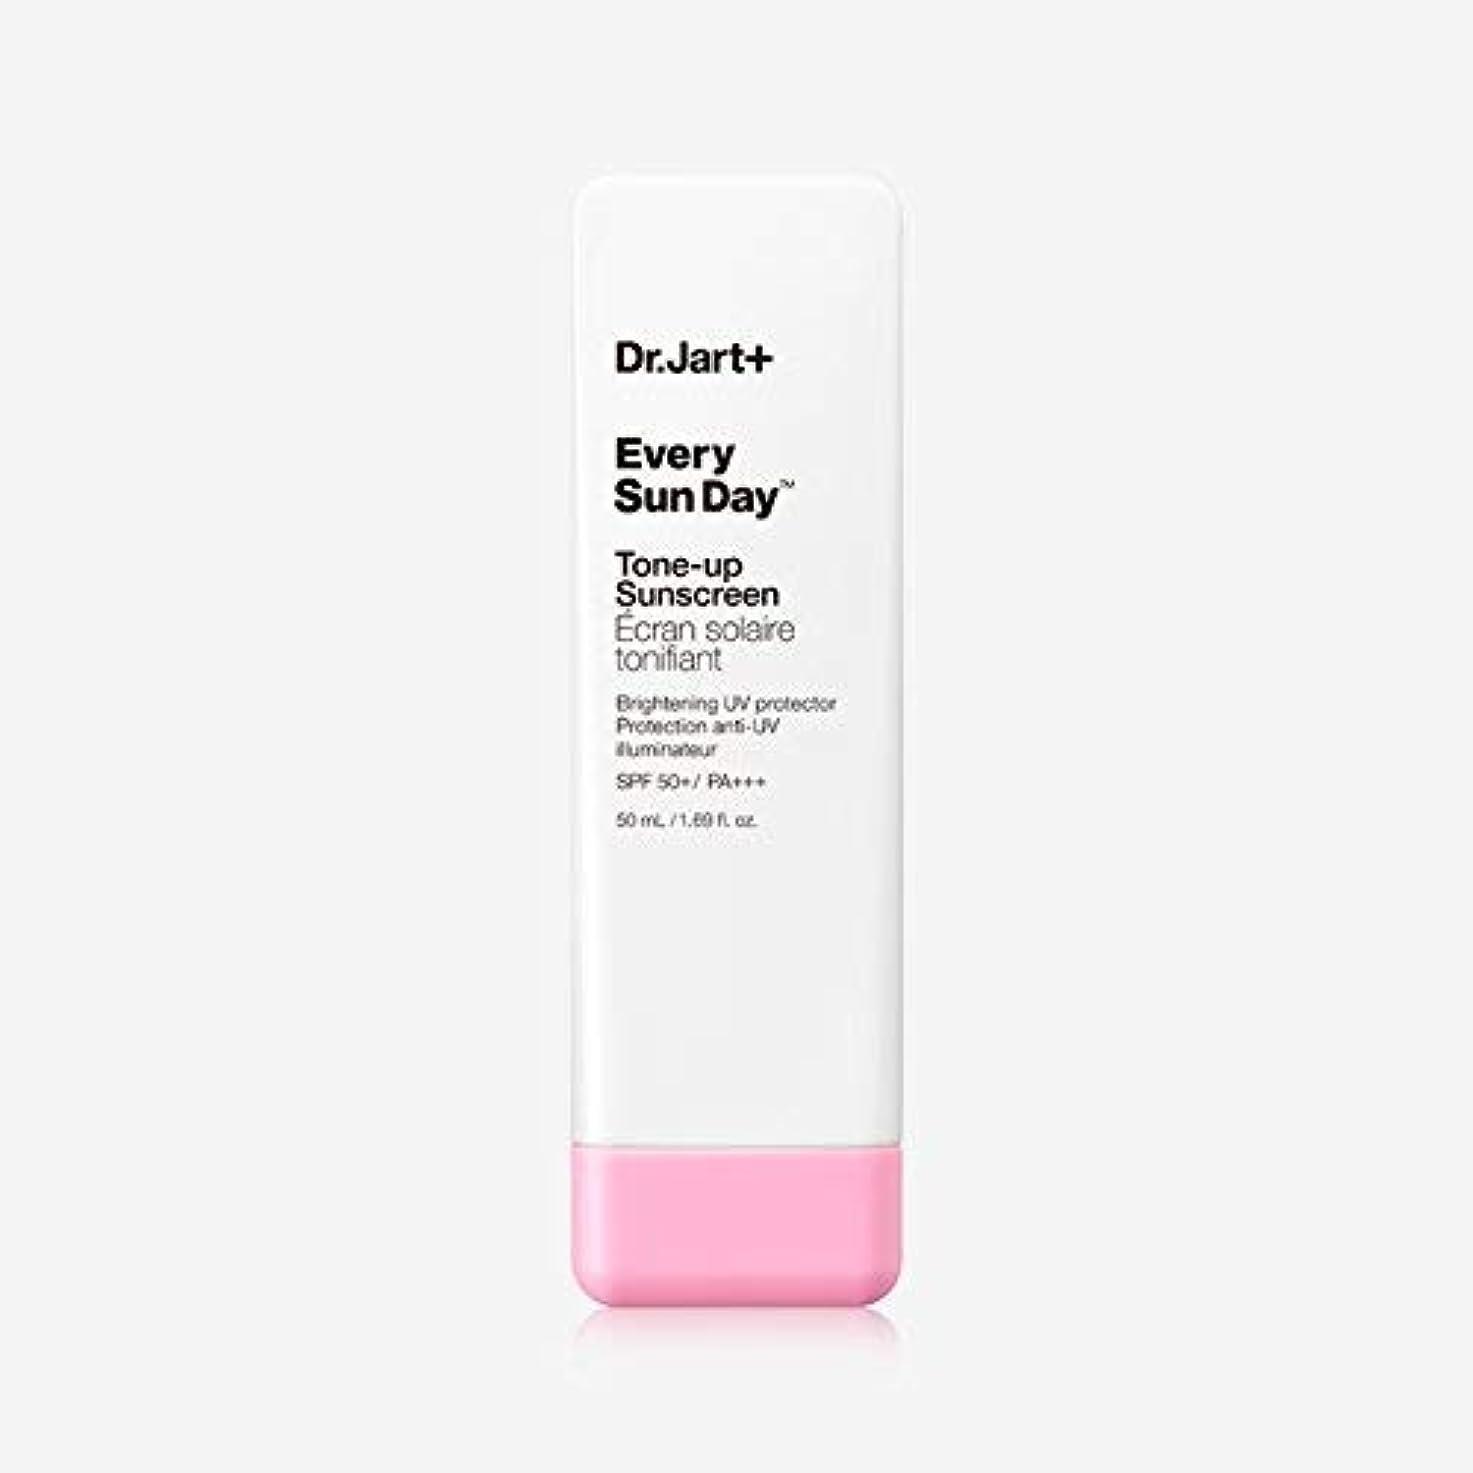 肌田舎者犬Dr.Jart+ Every Sun Day Tone-up Sunscreen SPF50+ PA+++ 50ml / ドクタージャルトゥエヴリサンデートーンアップサンスクリーンSPF50+PA+++50ml [並行輸入品]